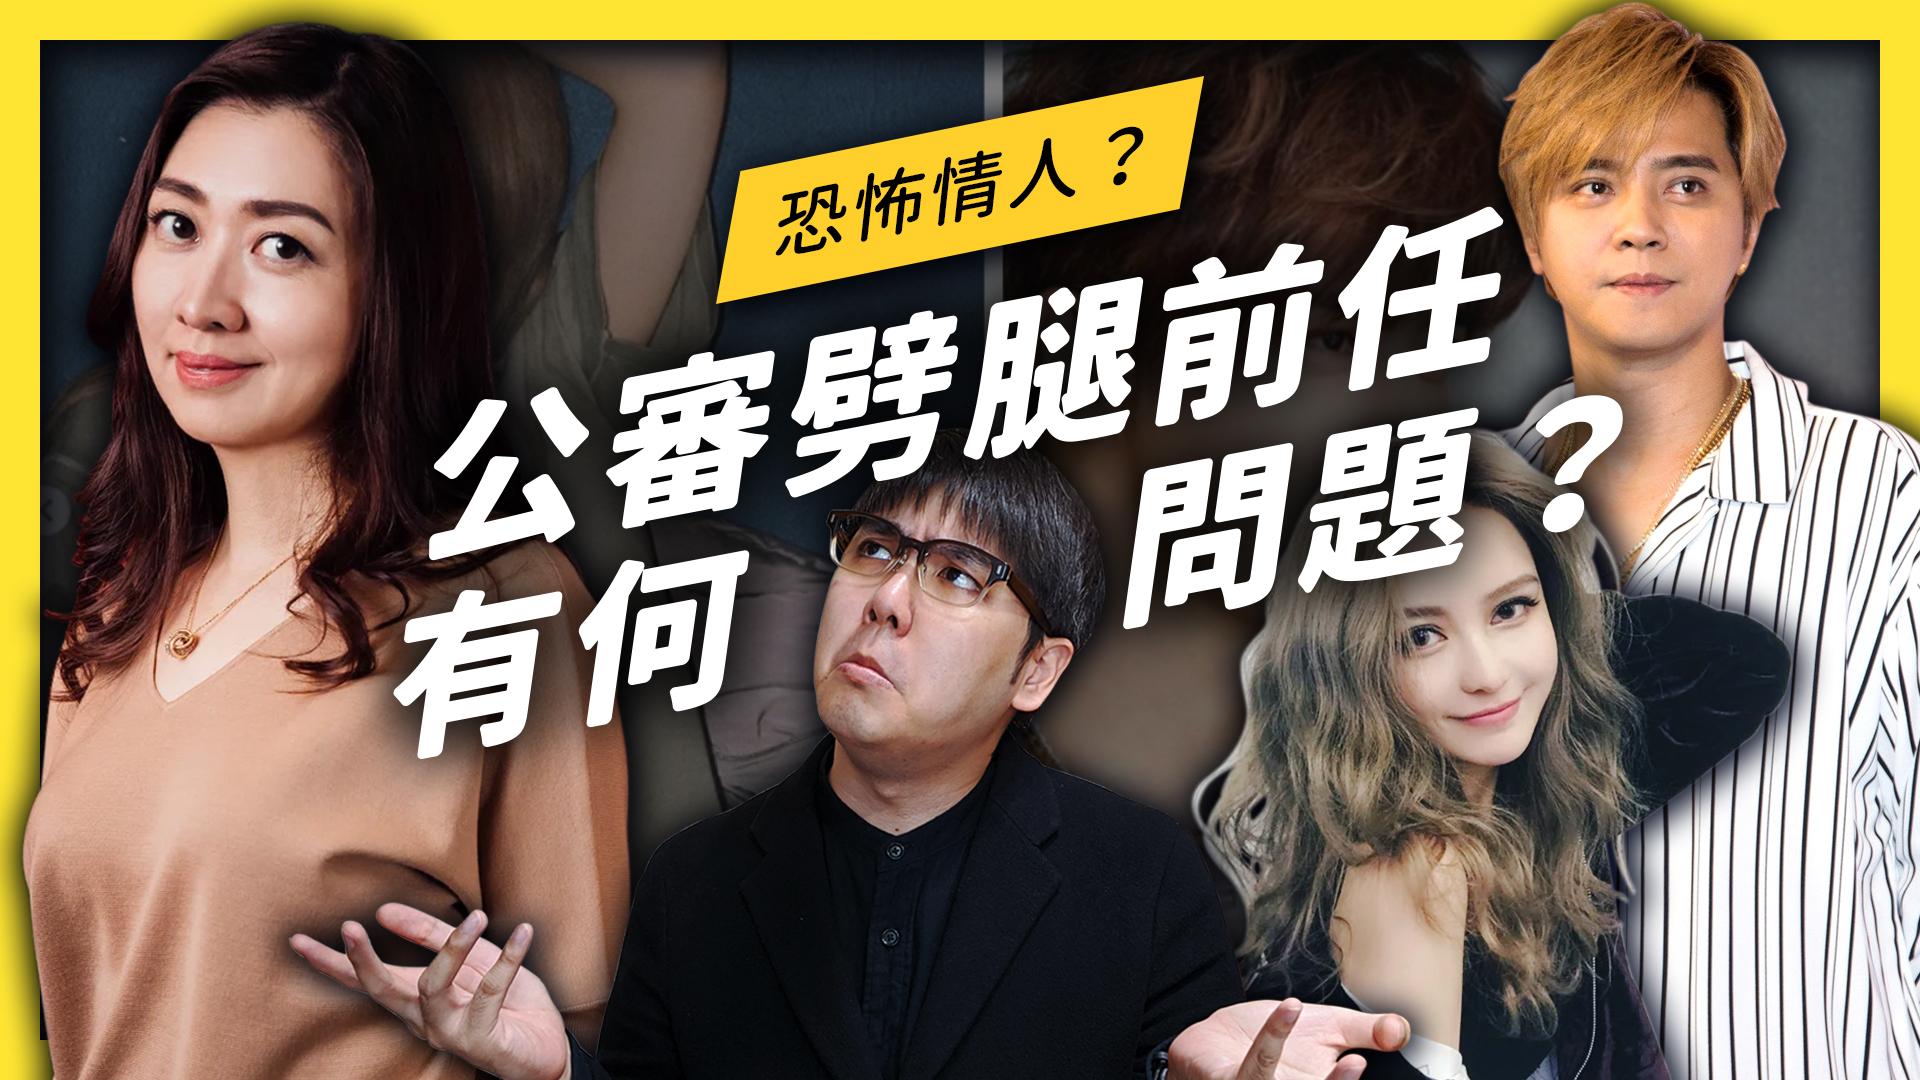 鄧惠文說周揚青「網路公審」羅志祥的行為,不該被津津樂道,你怎麼看?